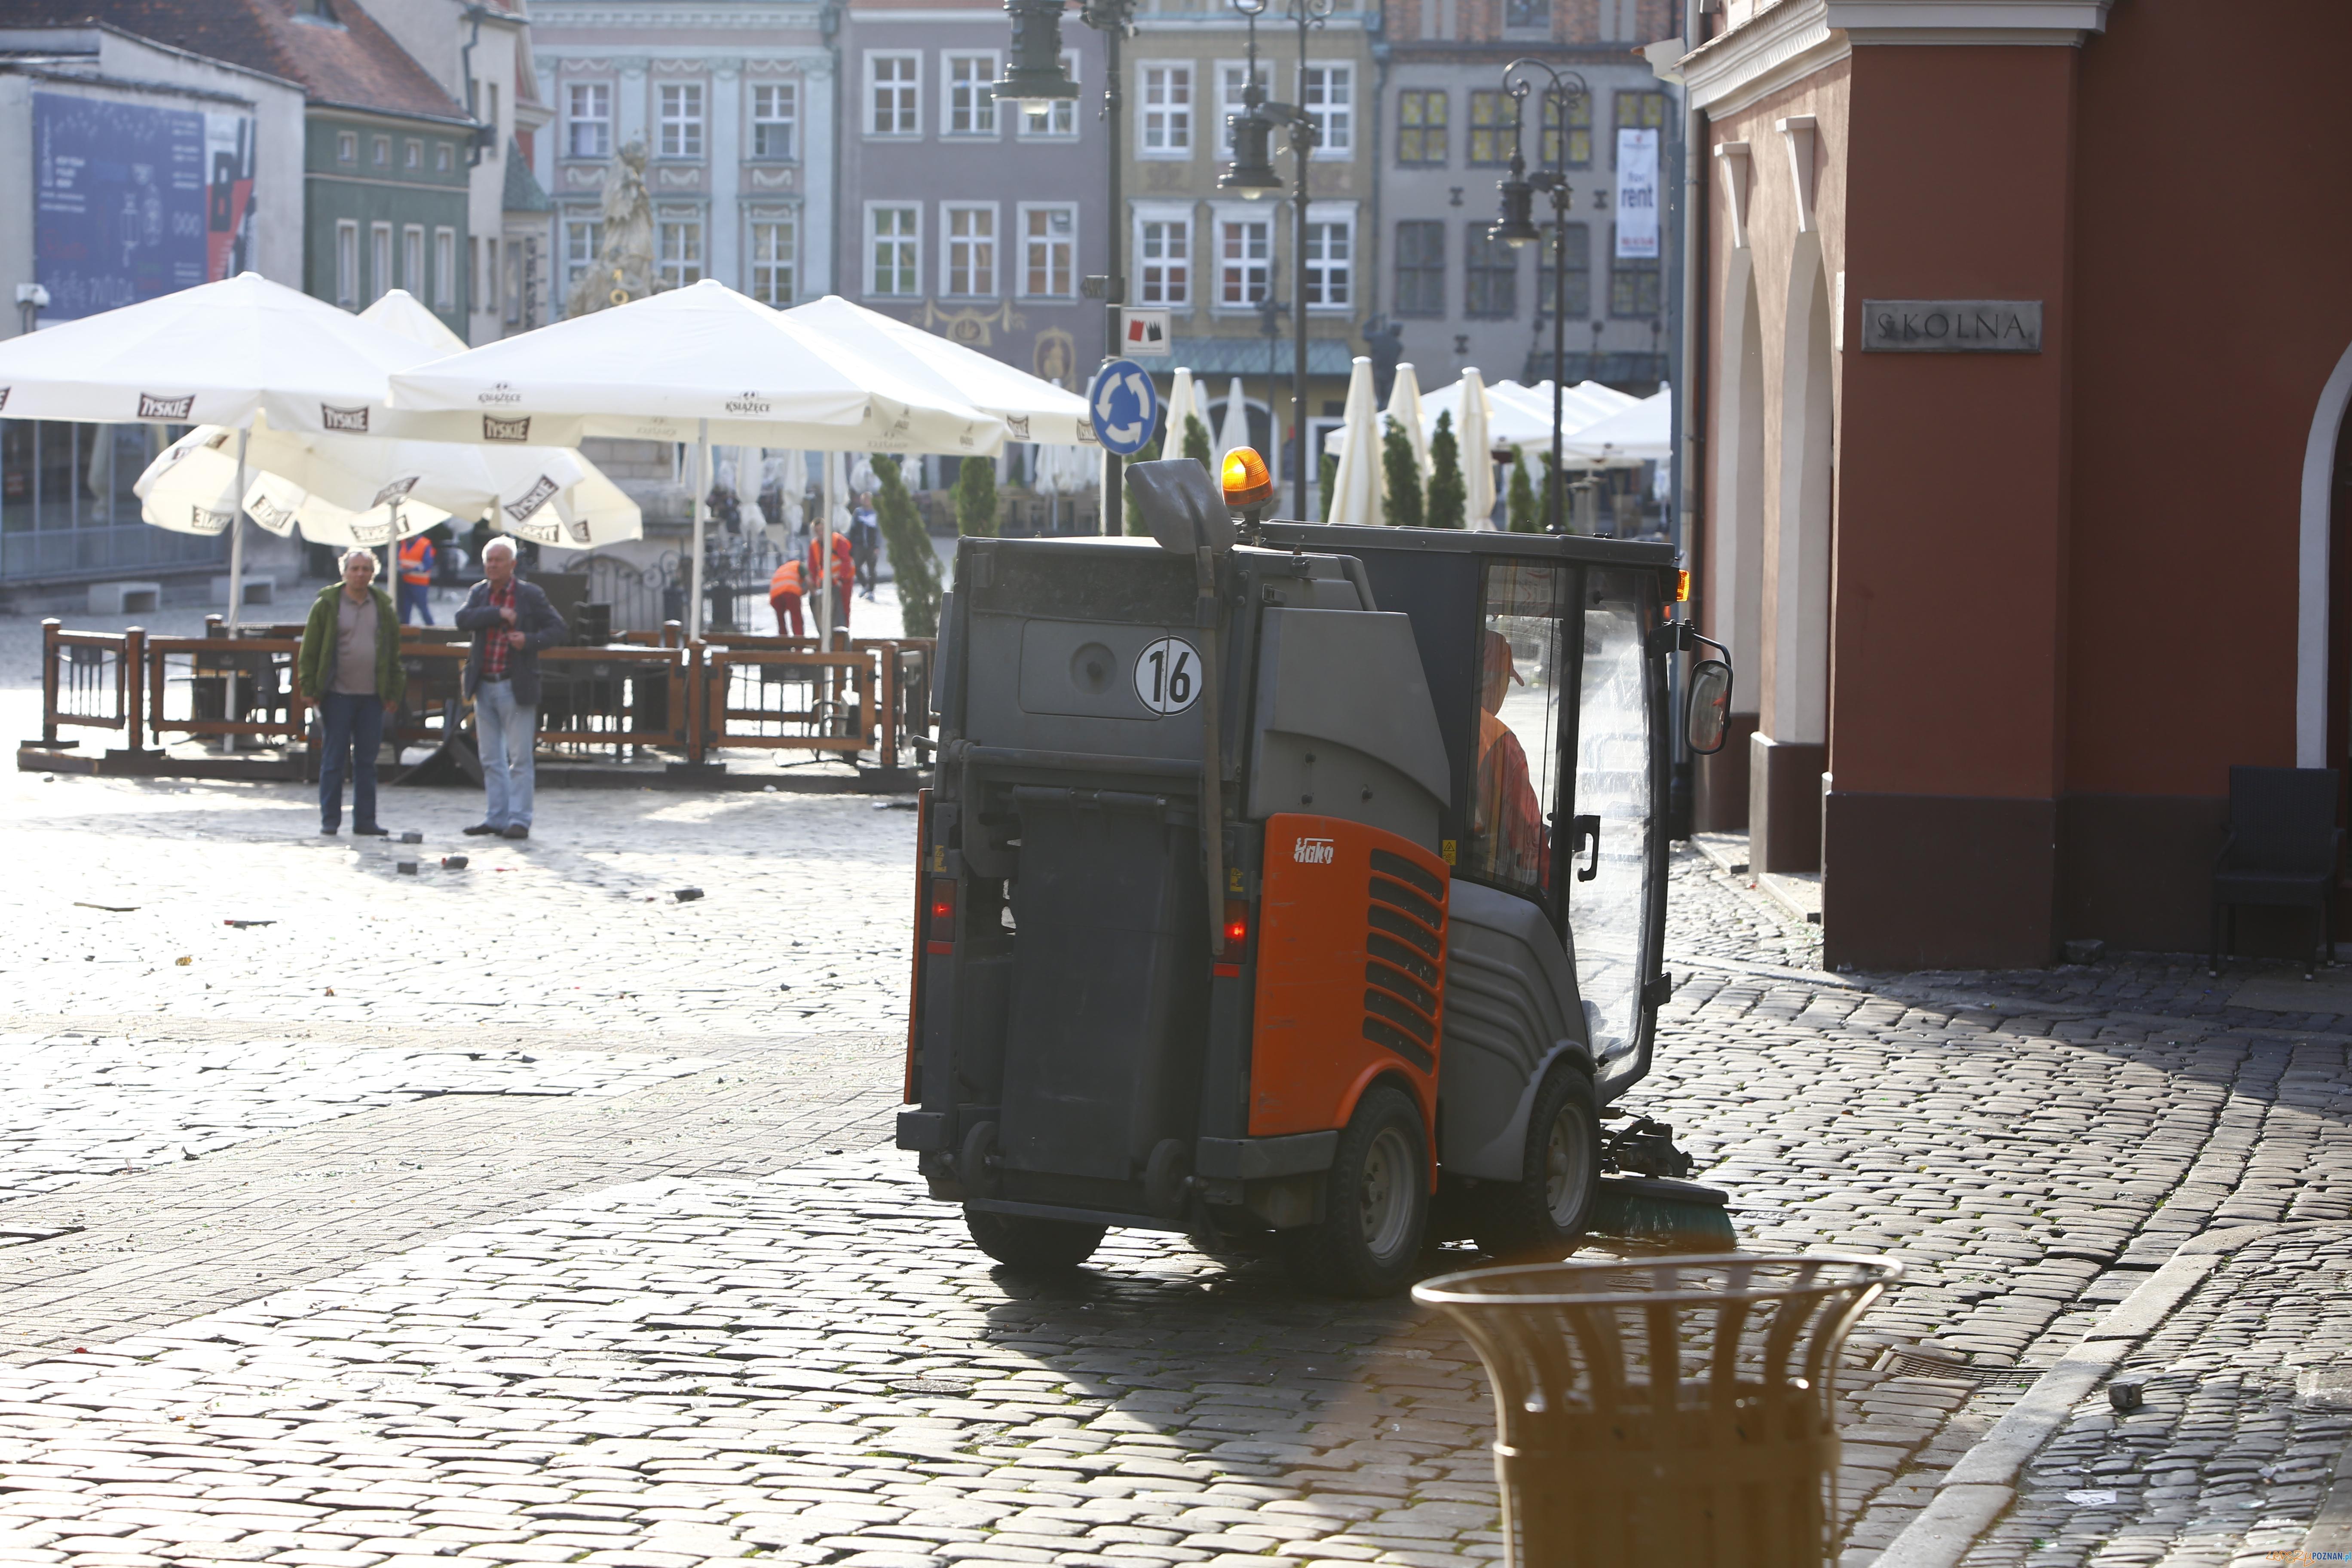 Sprzątanie Starego Rynku  Foto: lepszyPOZNAN.pl